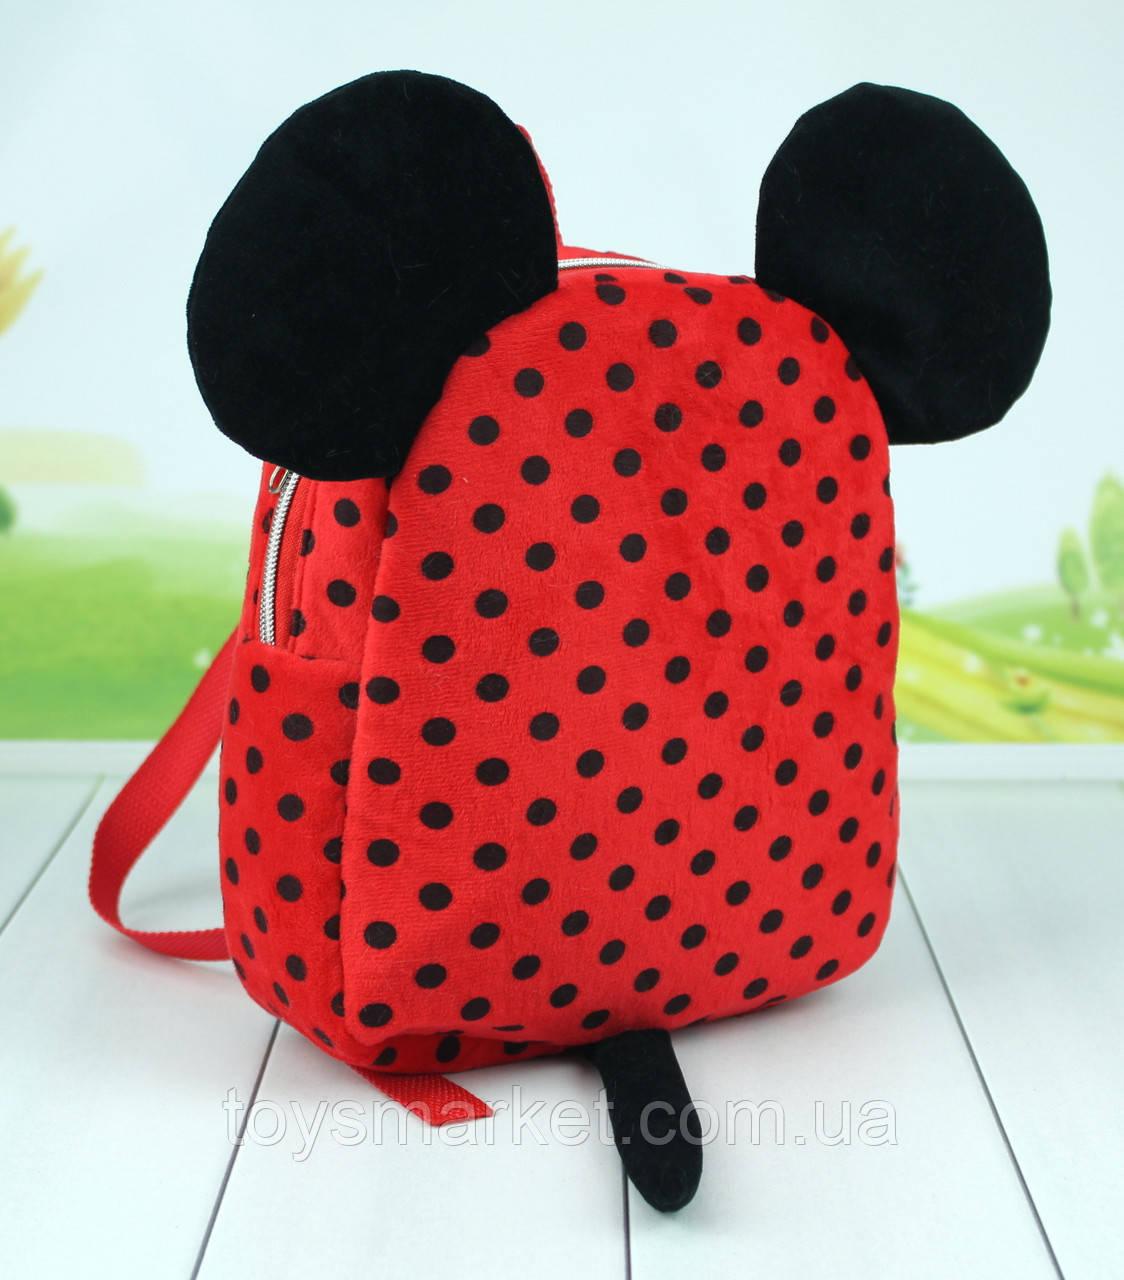 Дитячий рюкзак Міккі і Мінні Маус, плюшевий рюкзак в садок, 24 див.